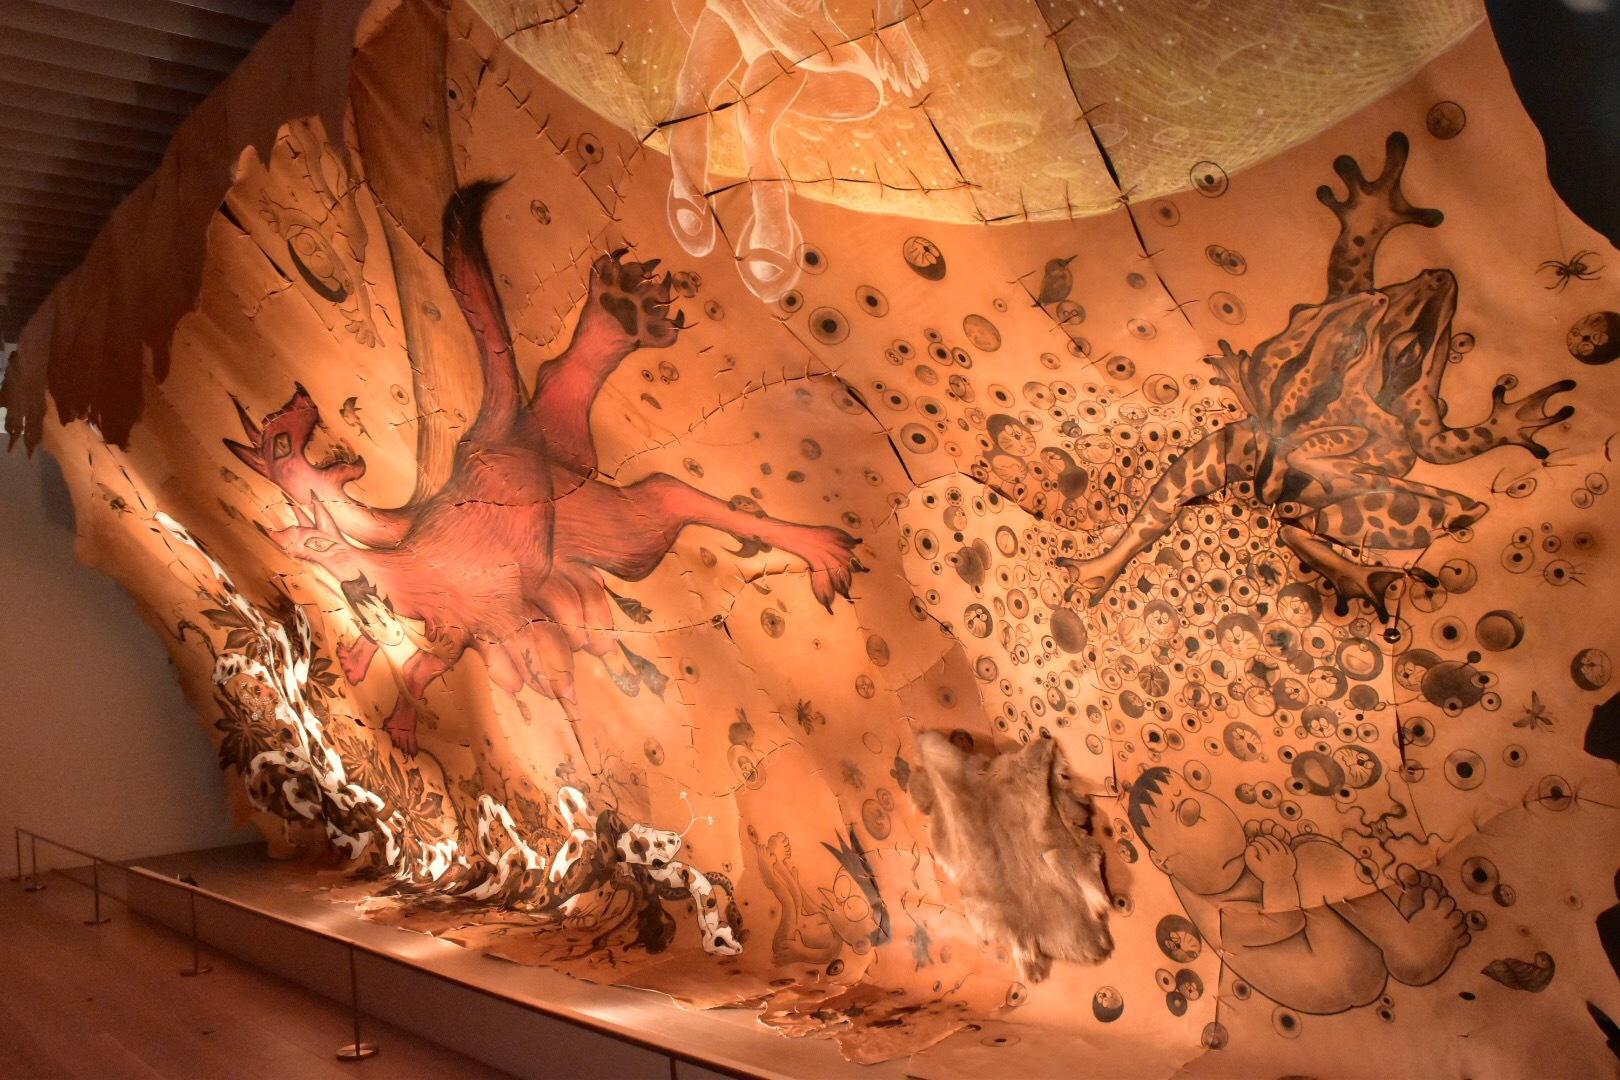 鴻池朋子「しずかちゃんの洞窟」